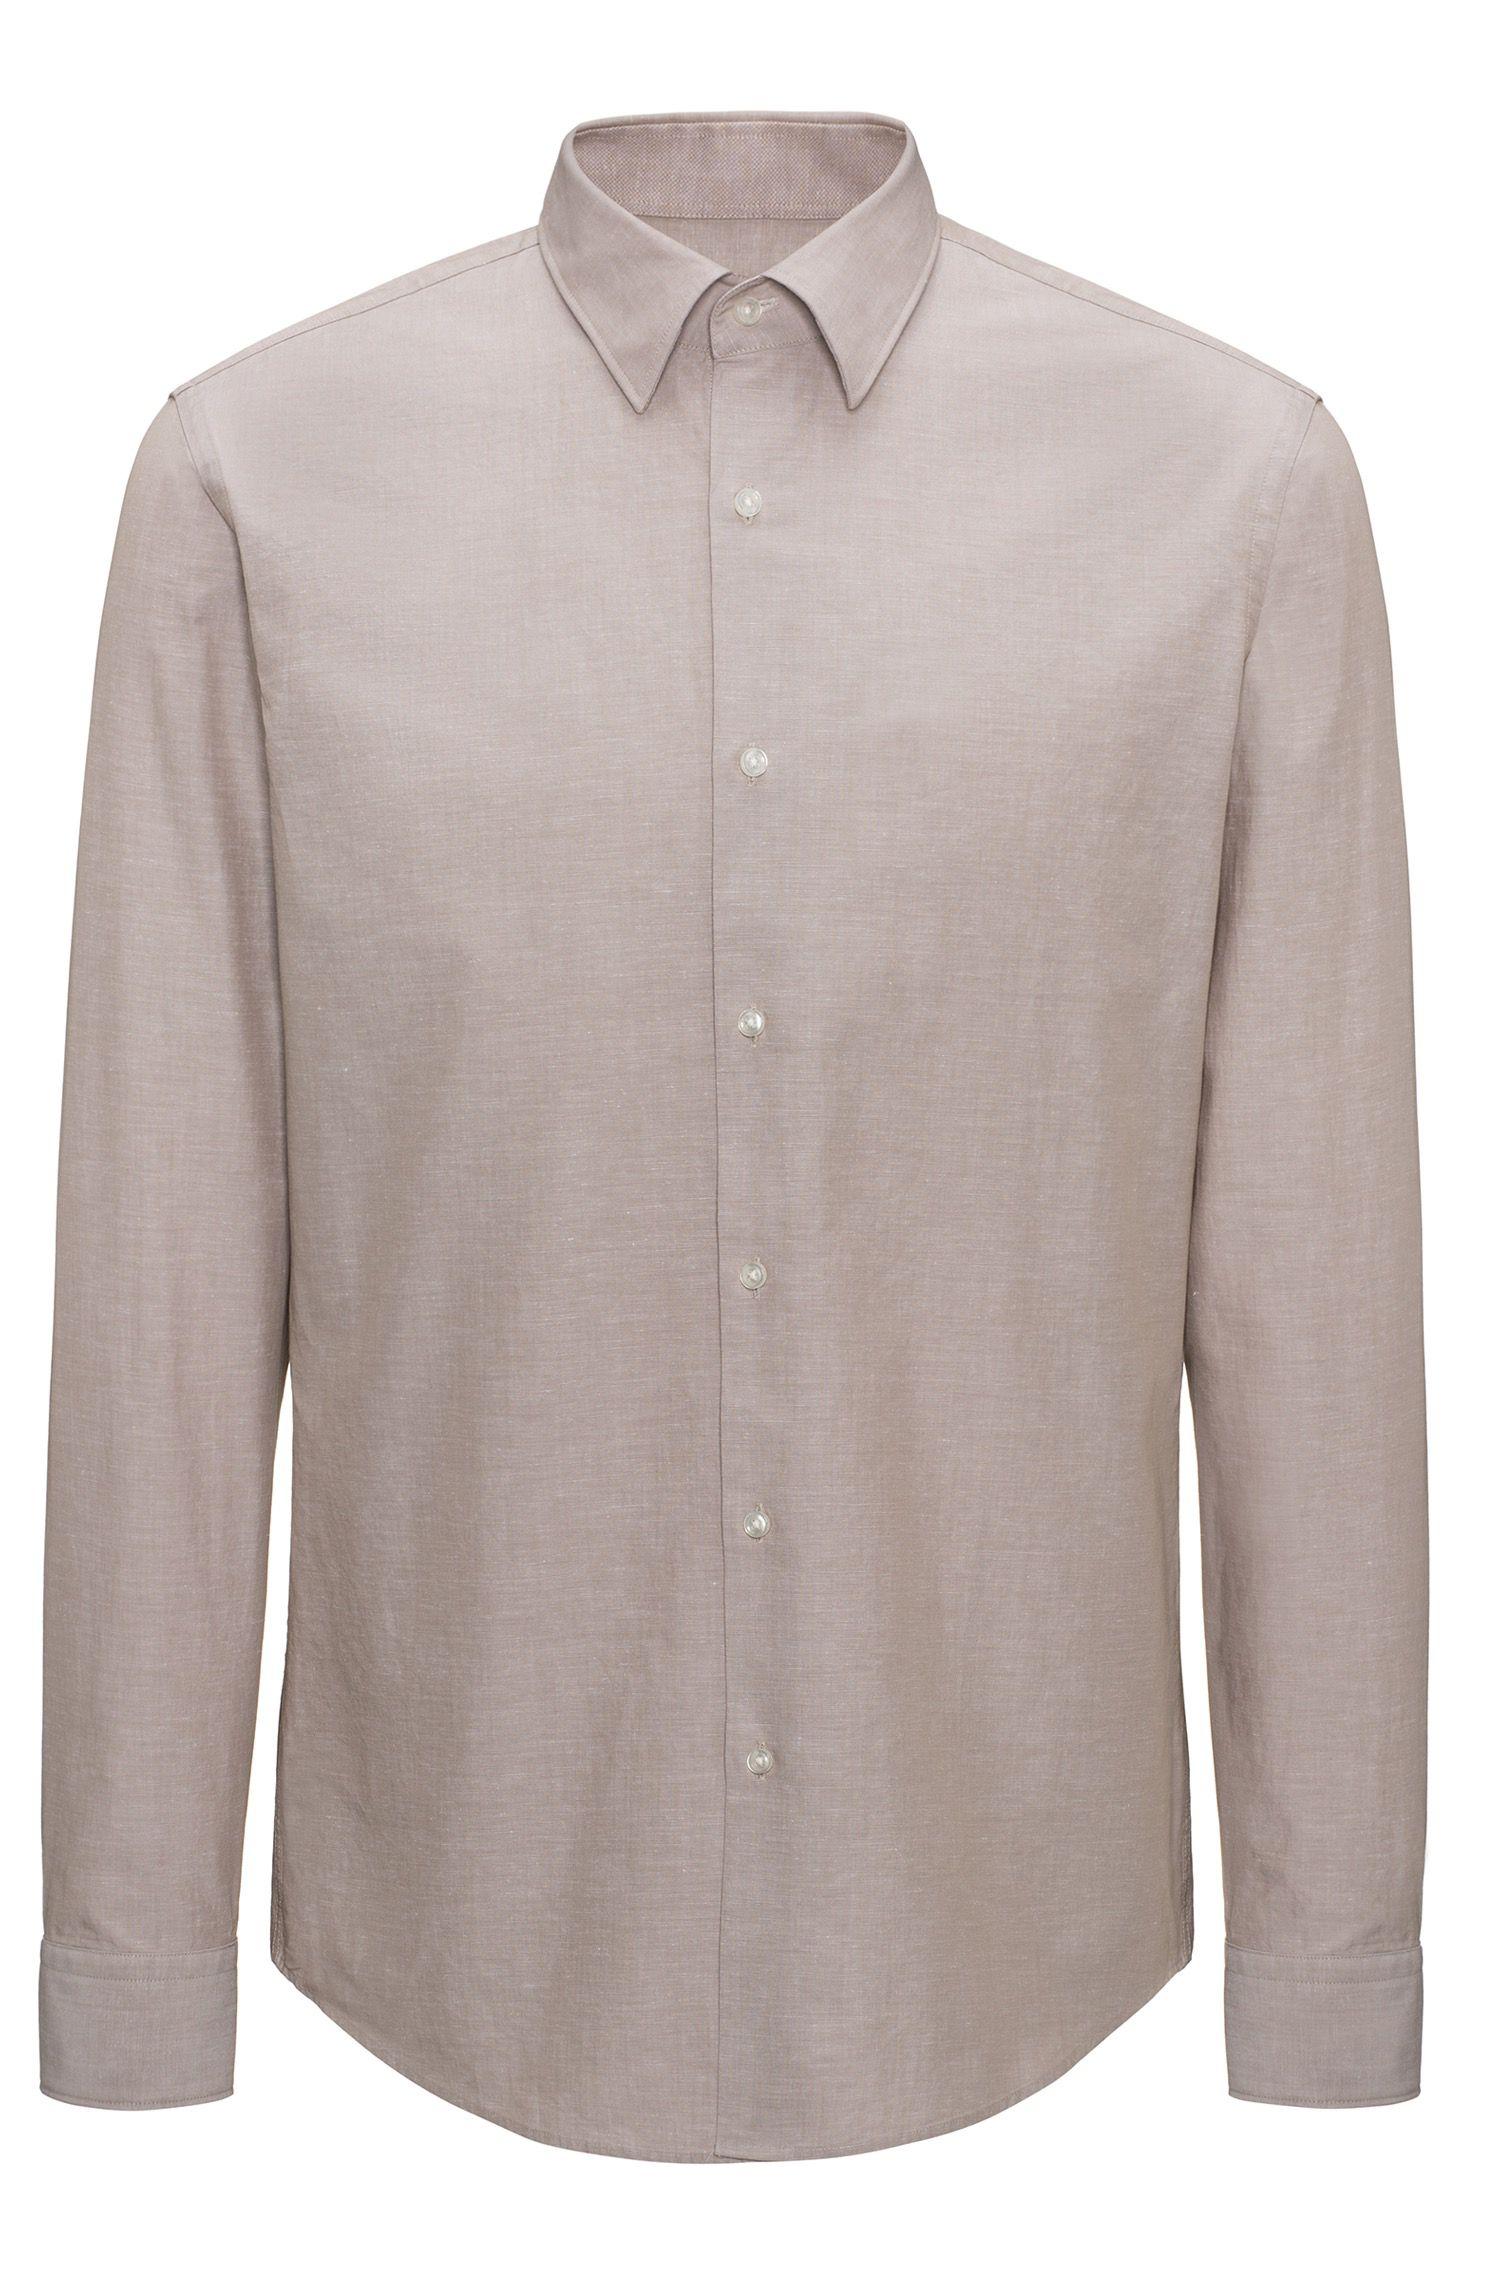 Regular-fit overhemd van een verkoelende katoenmix